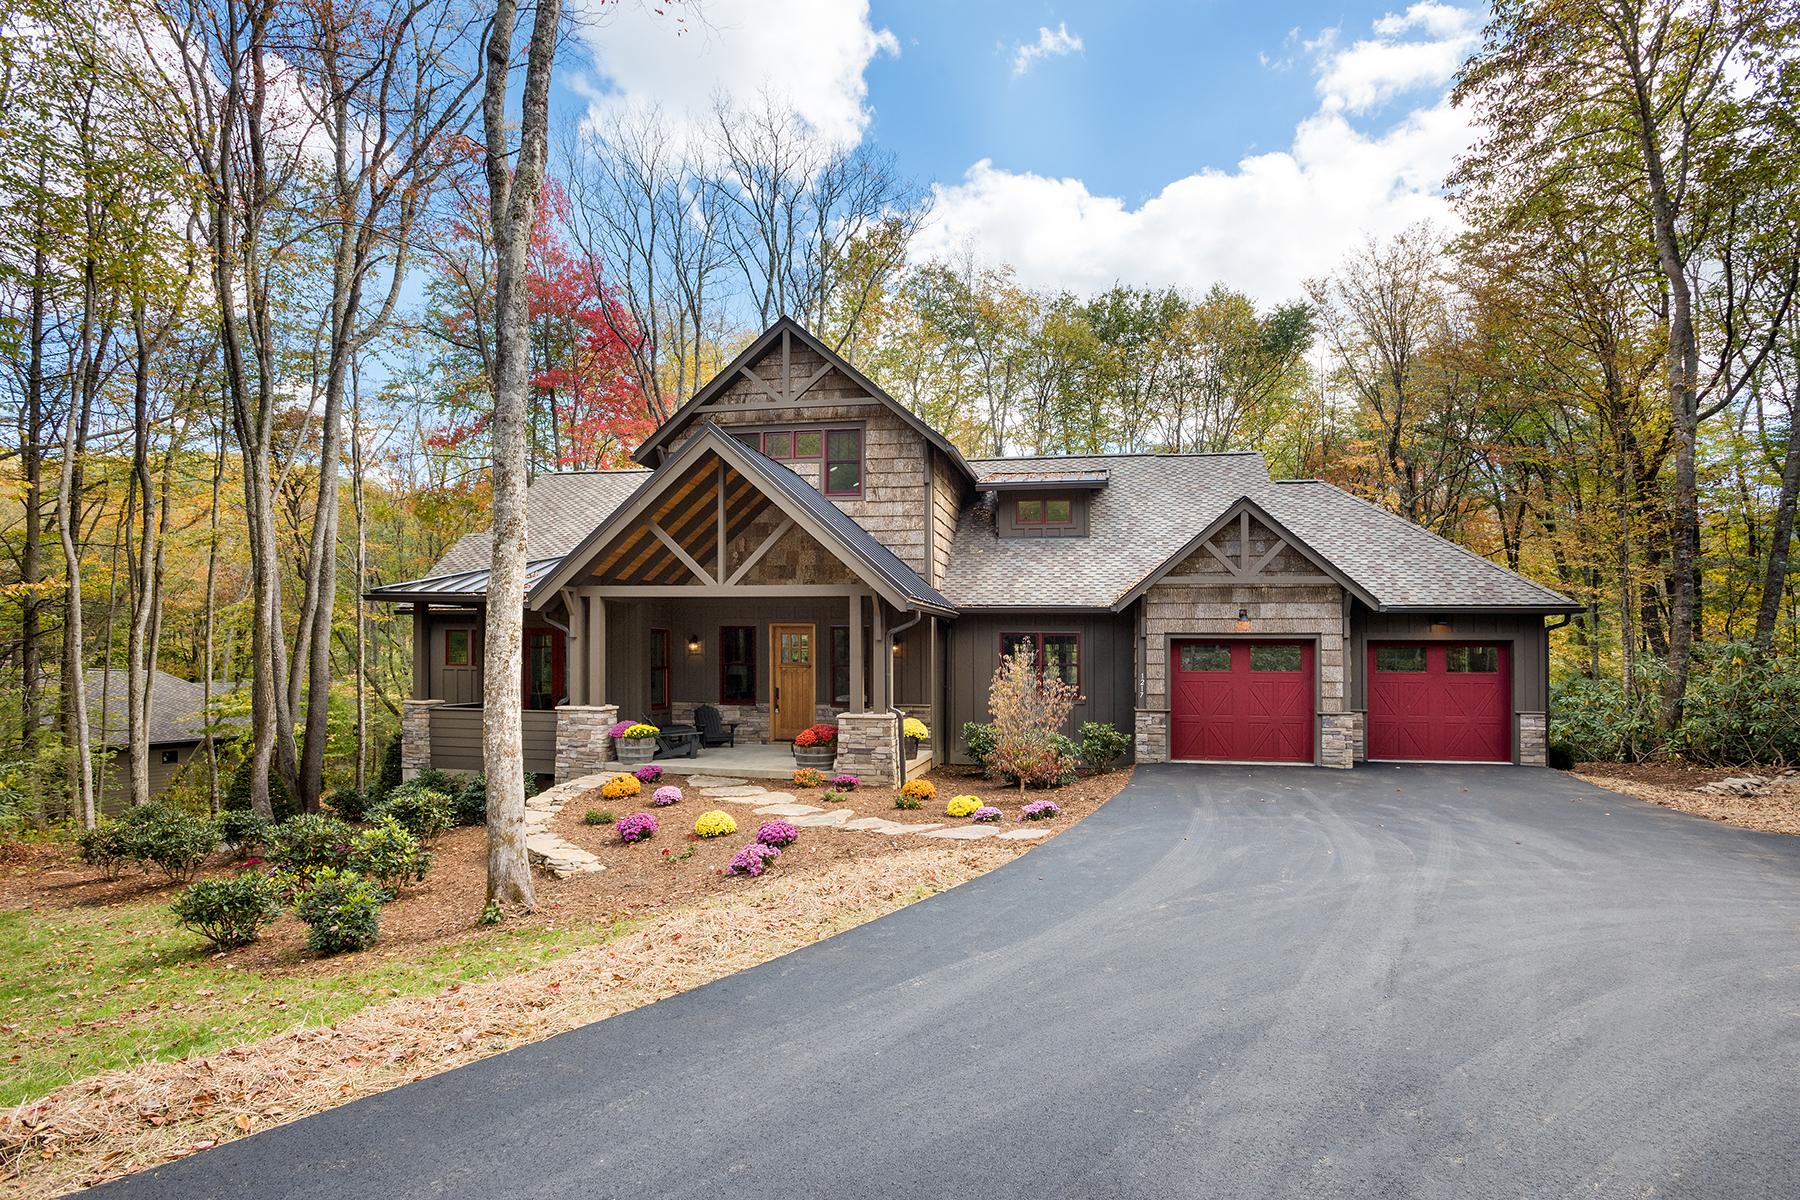 独户住宅 为 销售 在 LINVILLE - LINVILLE RIDGE 1216 Cranberry Trail 12 林维尔, 北卡罗来纳州, 28646 美国